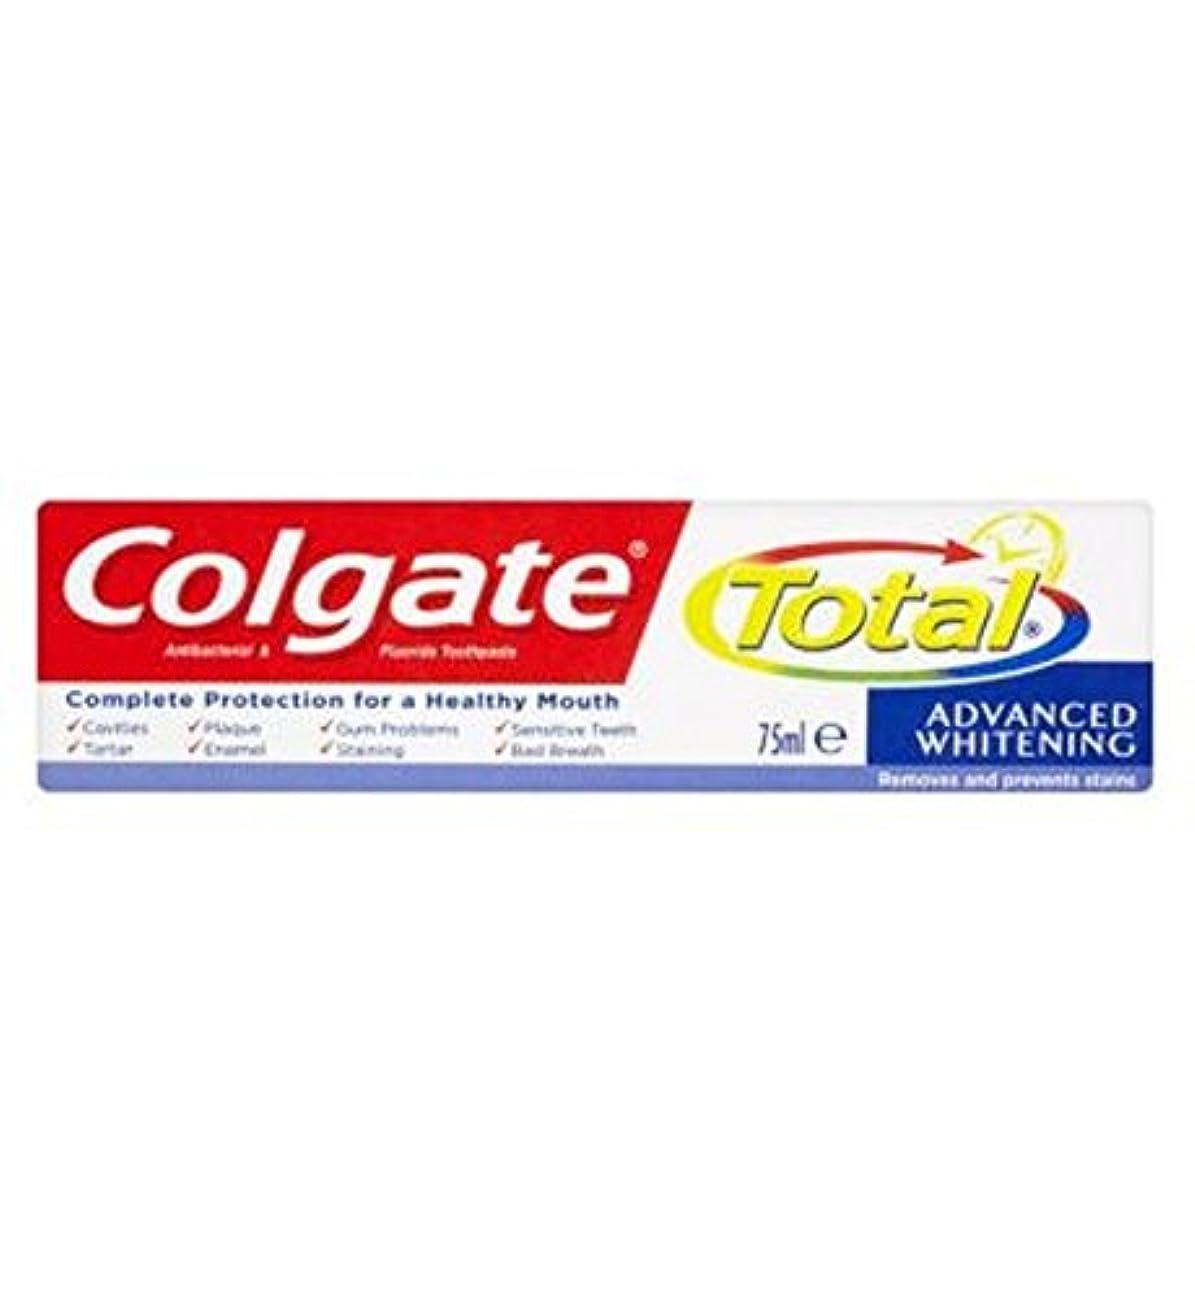 に対処する時計回りベンチャーコルゲートトータル高度なホワイトニング歯磨き粉75ミリリットル (Colgate) (x2) - Colgate Total Advanced Whitening toothpaste 75ml (Pack of 2)...